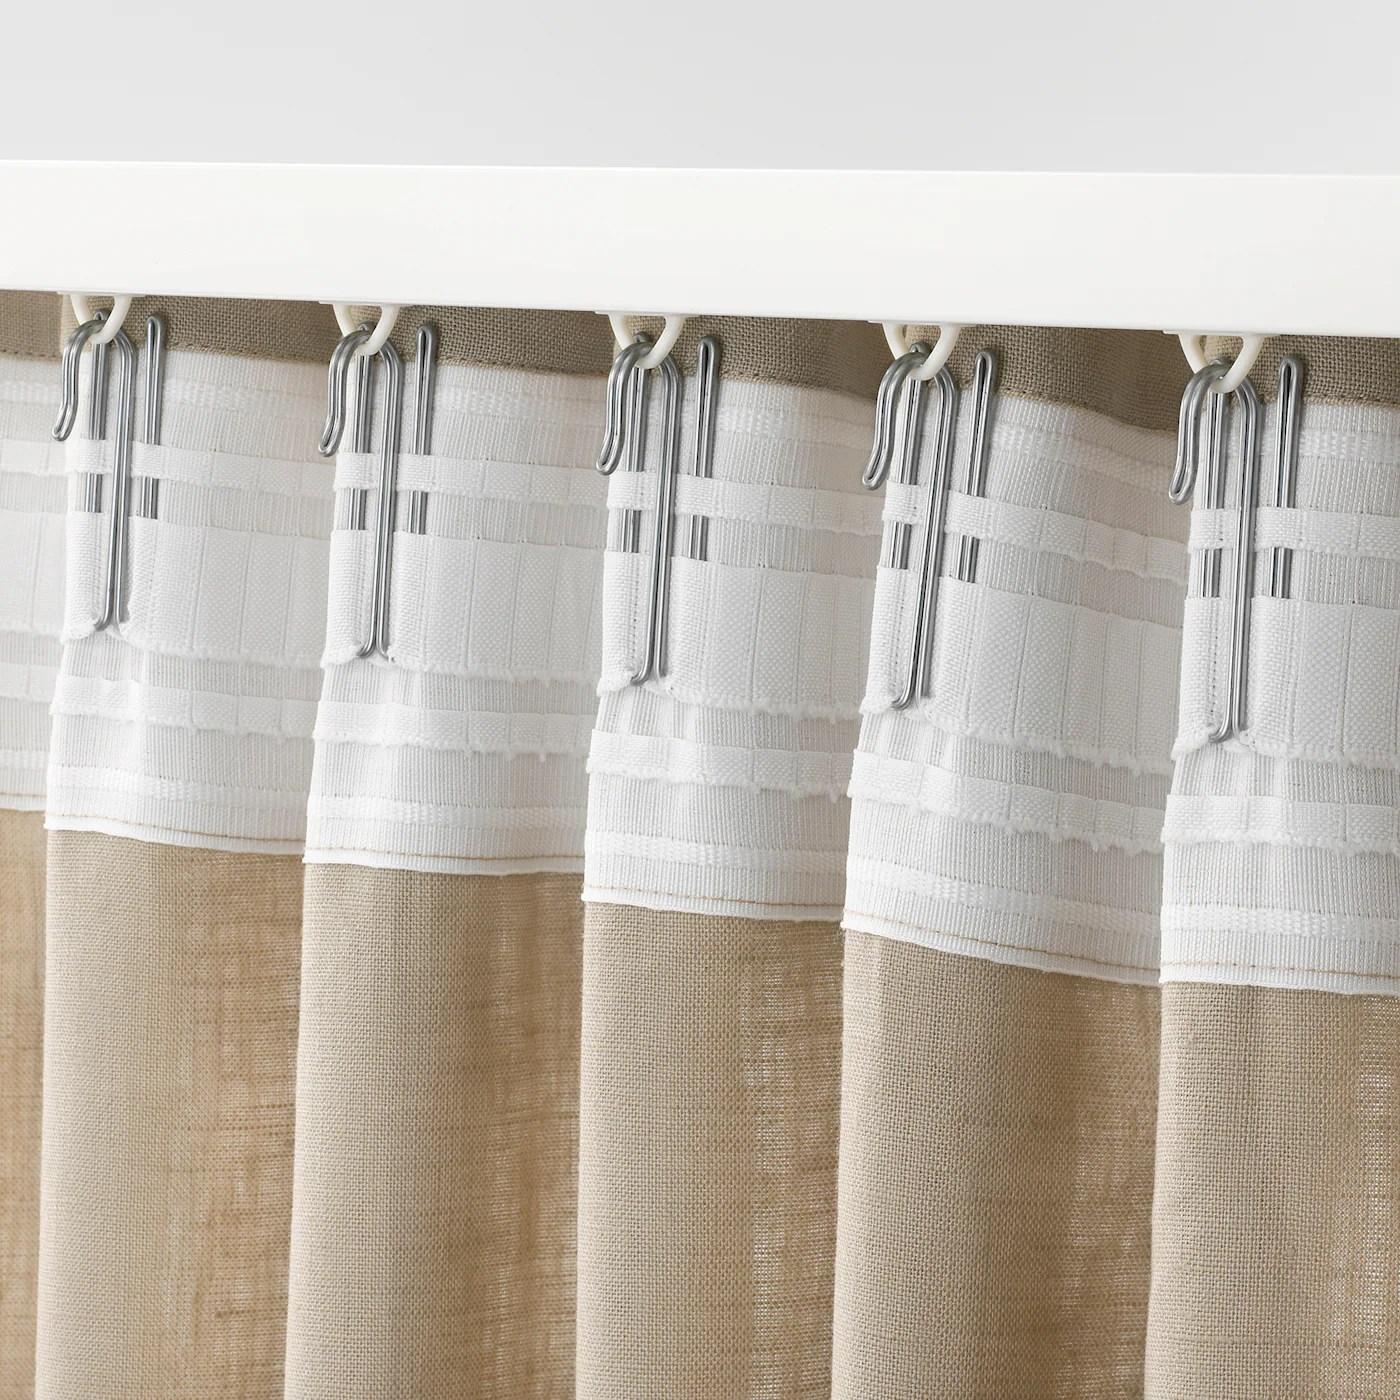 come scegliere le tende di casa giuste per l'inverno. Riktig Gancio Per Tende Ikea It